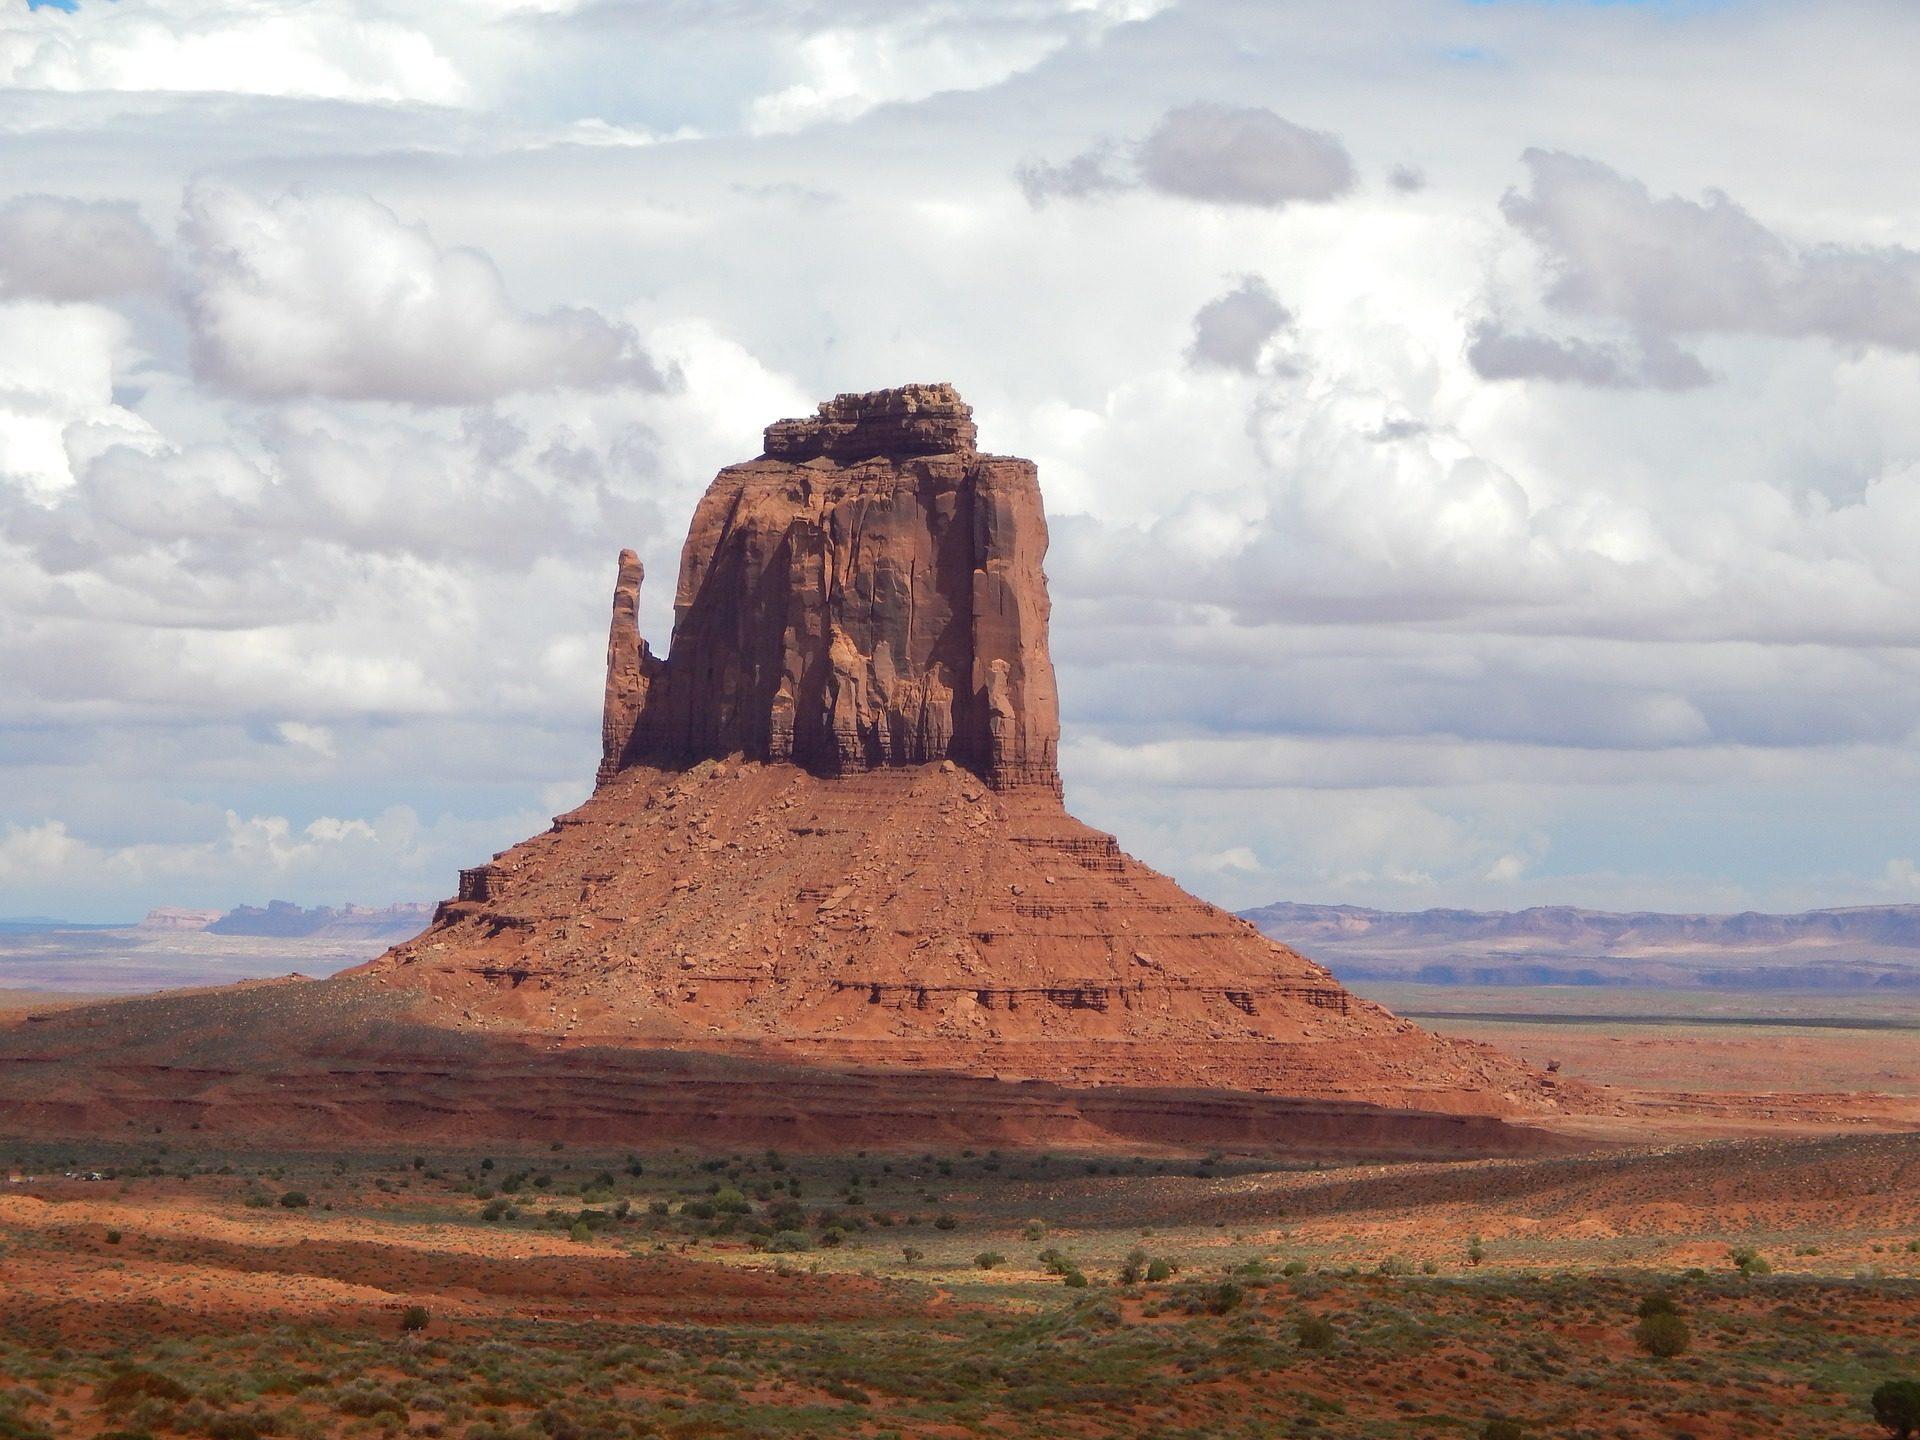 記念碑の谷, 砂漠, 山, 砂, 空 - HD の壁紙 - 教授-falken.com